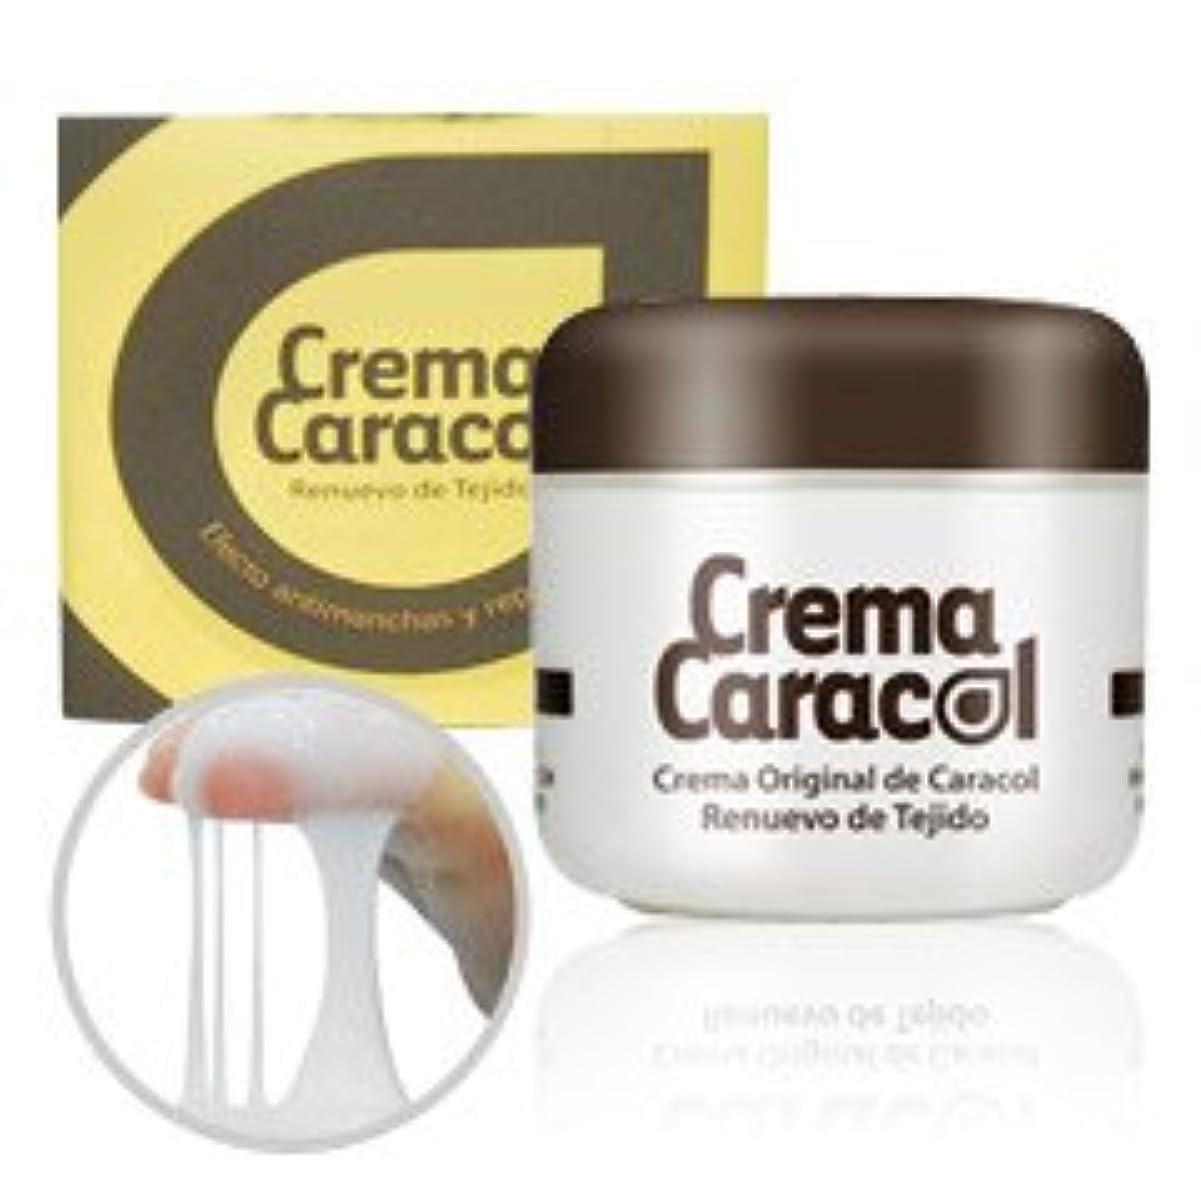 切手司法知恵crema caracol(カラコール) かたつむりクリーム 3個セット